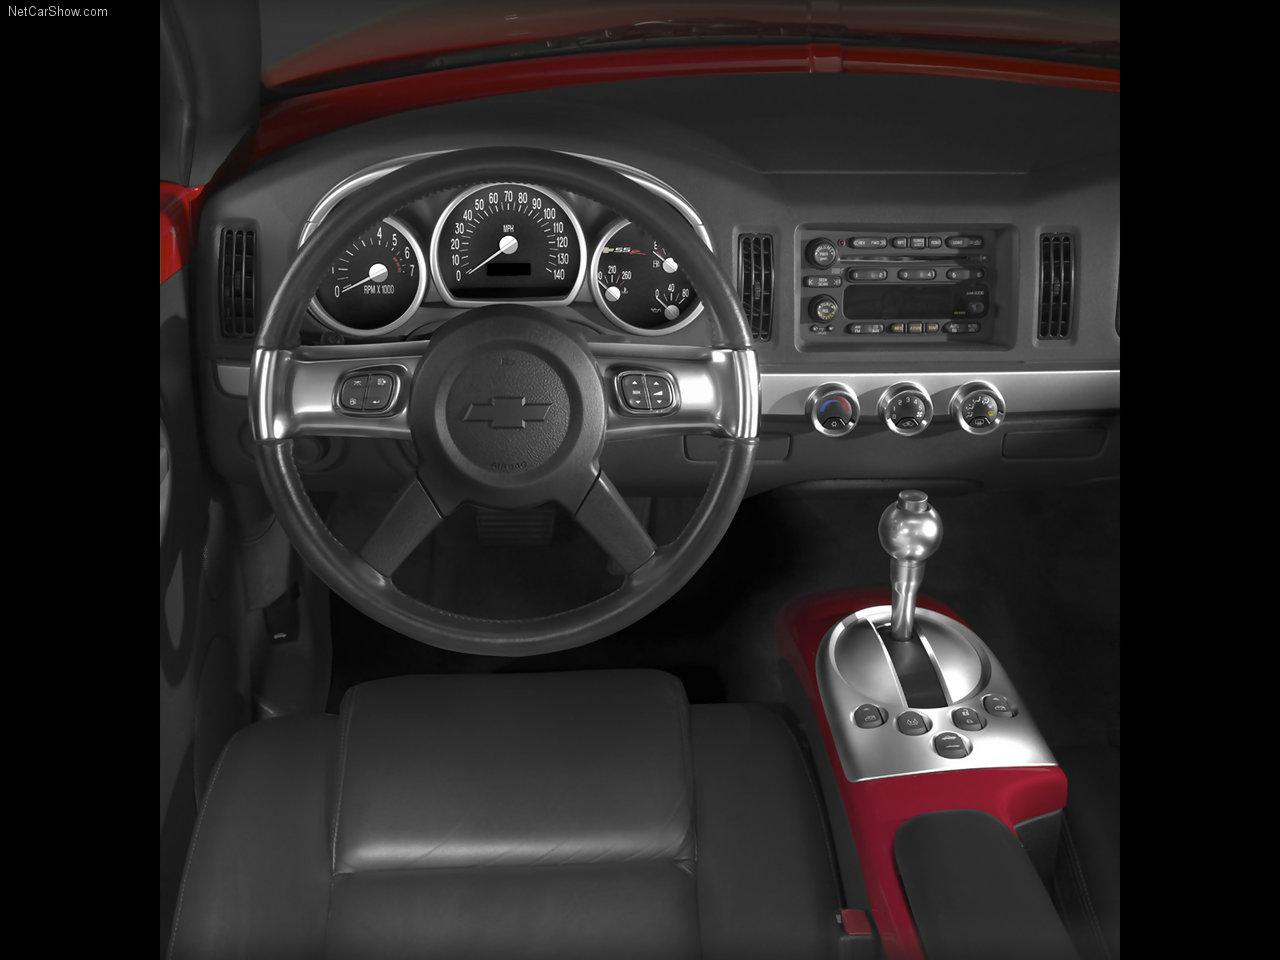 2003 Chevrolet SSR interior